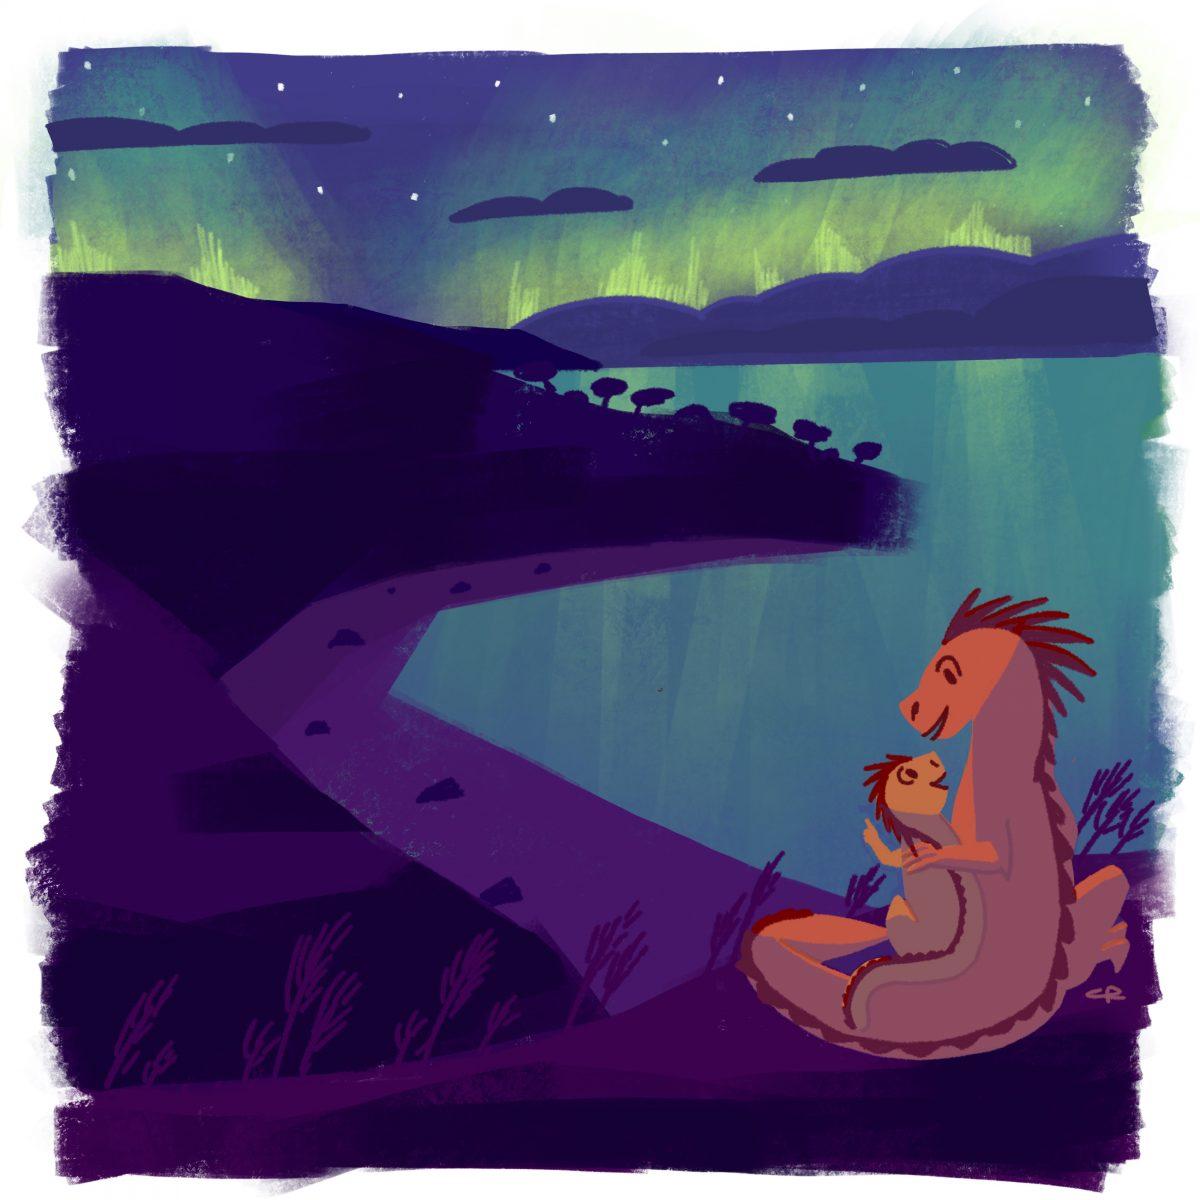 Father and son dragon enjoying the aurora borealis